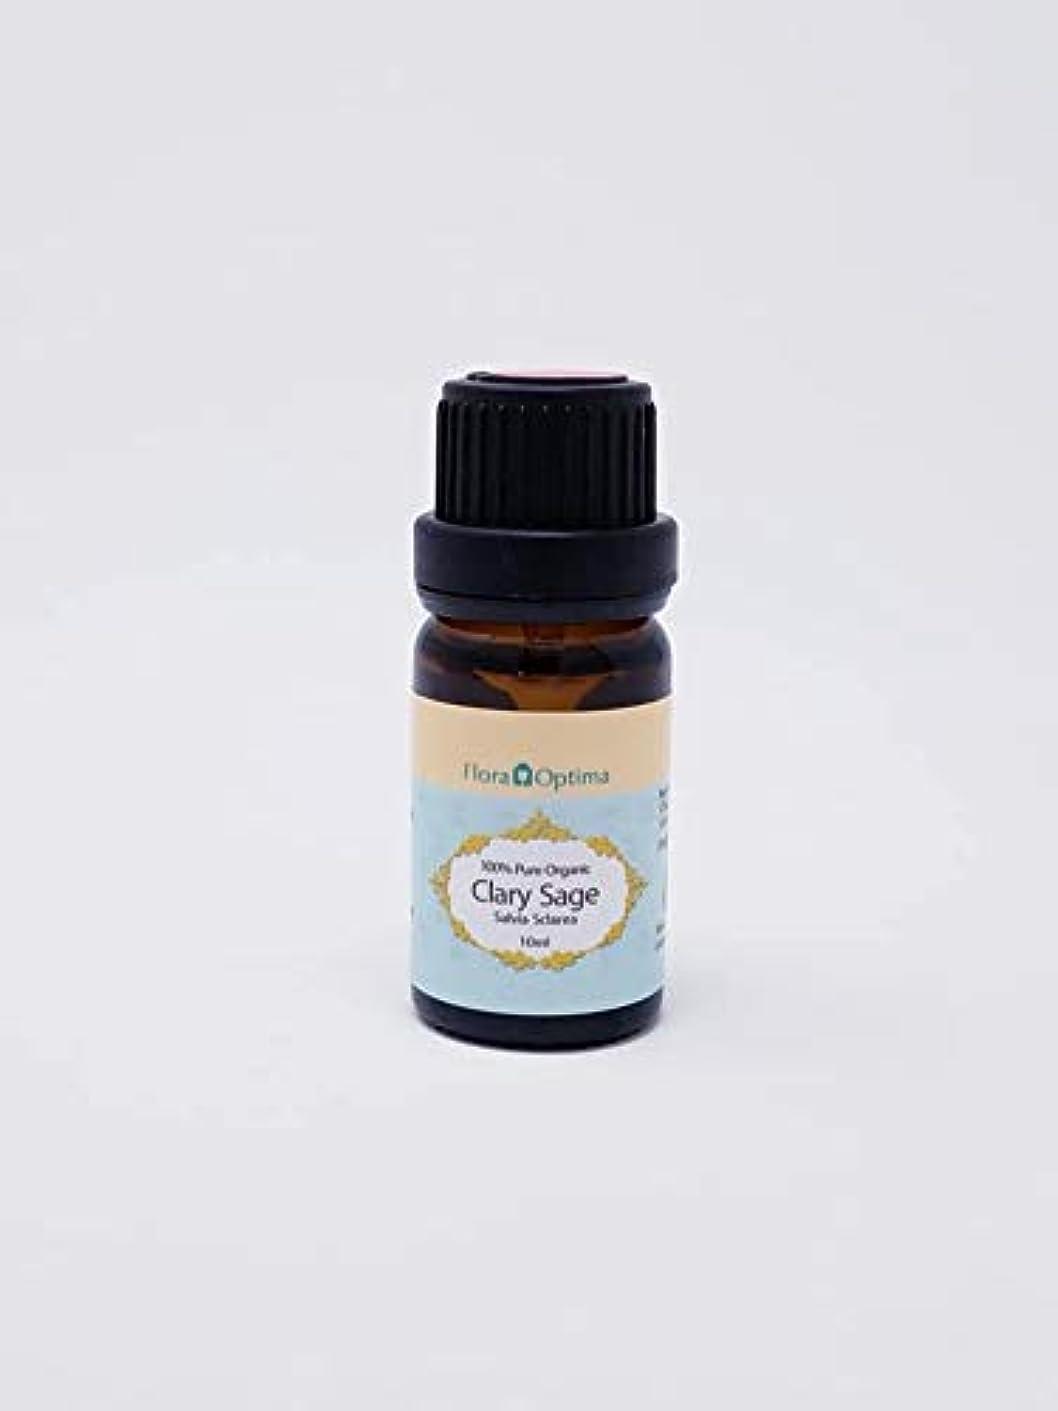 会話ストレスの多い改善する【オーガニック】クラリーセージ?オイル(Clary Sage Oil) - 10ml -